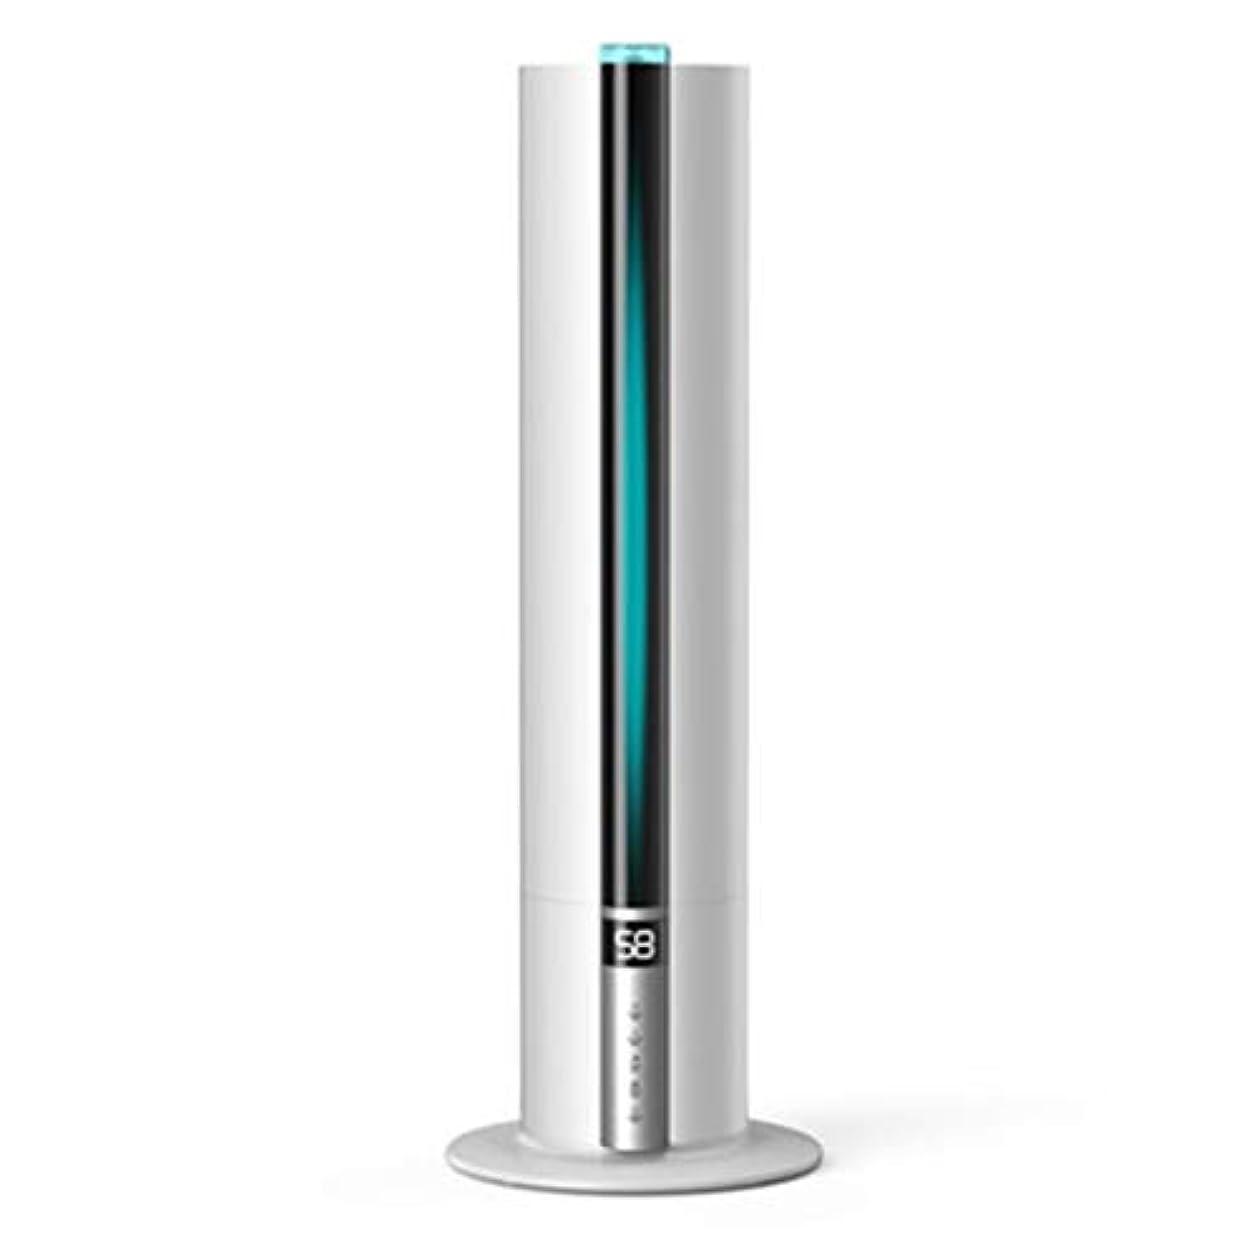 湾有用佐賀超音波クールミスト加湿器7.5L超静音インテリジェント純恒湿、ウォーターレスオートオフ超静音(色:黒) (Color : White)